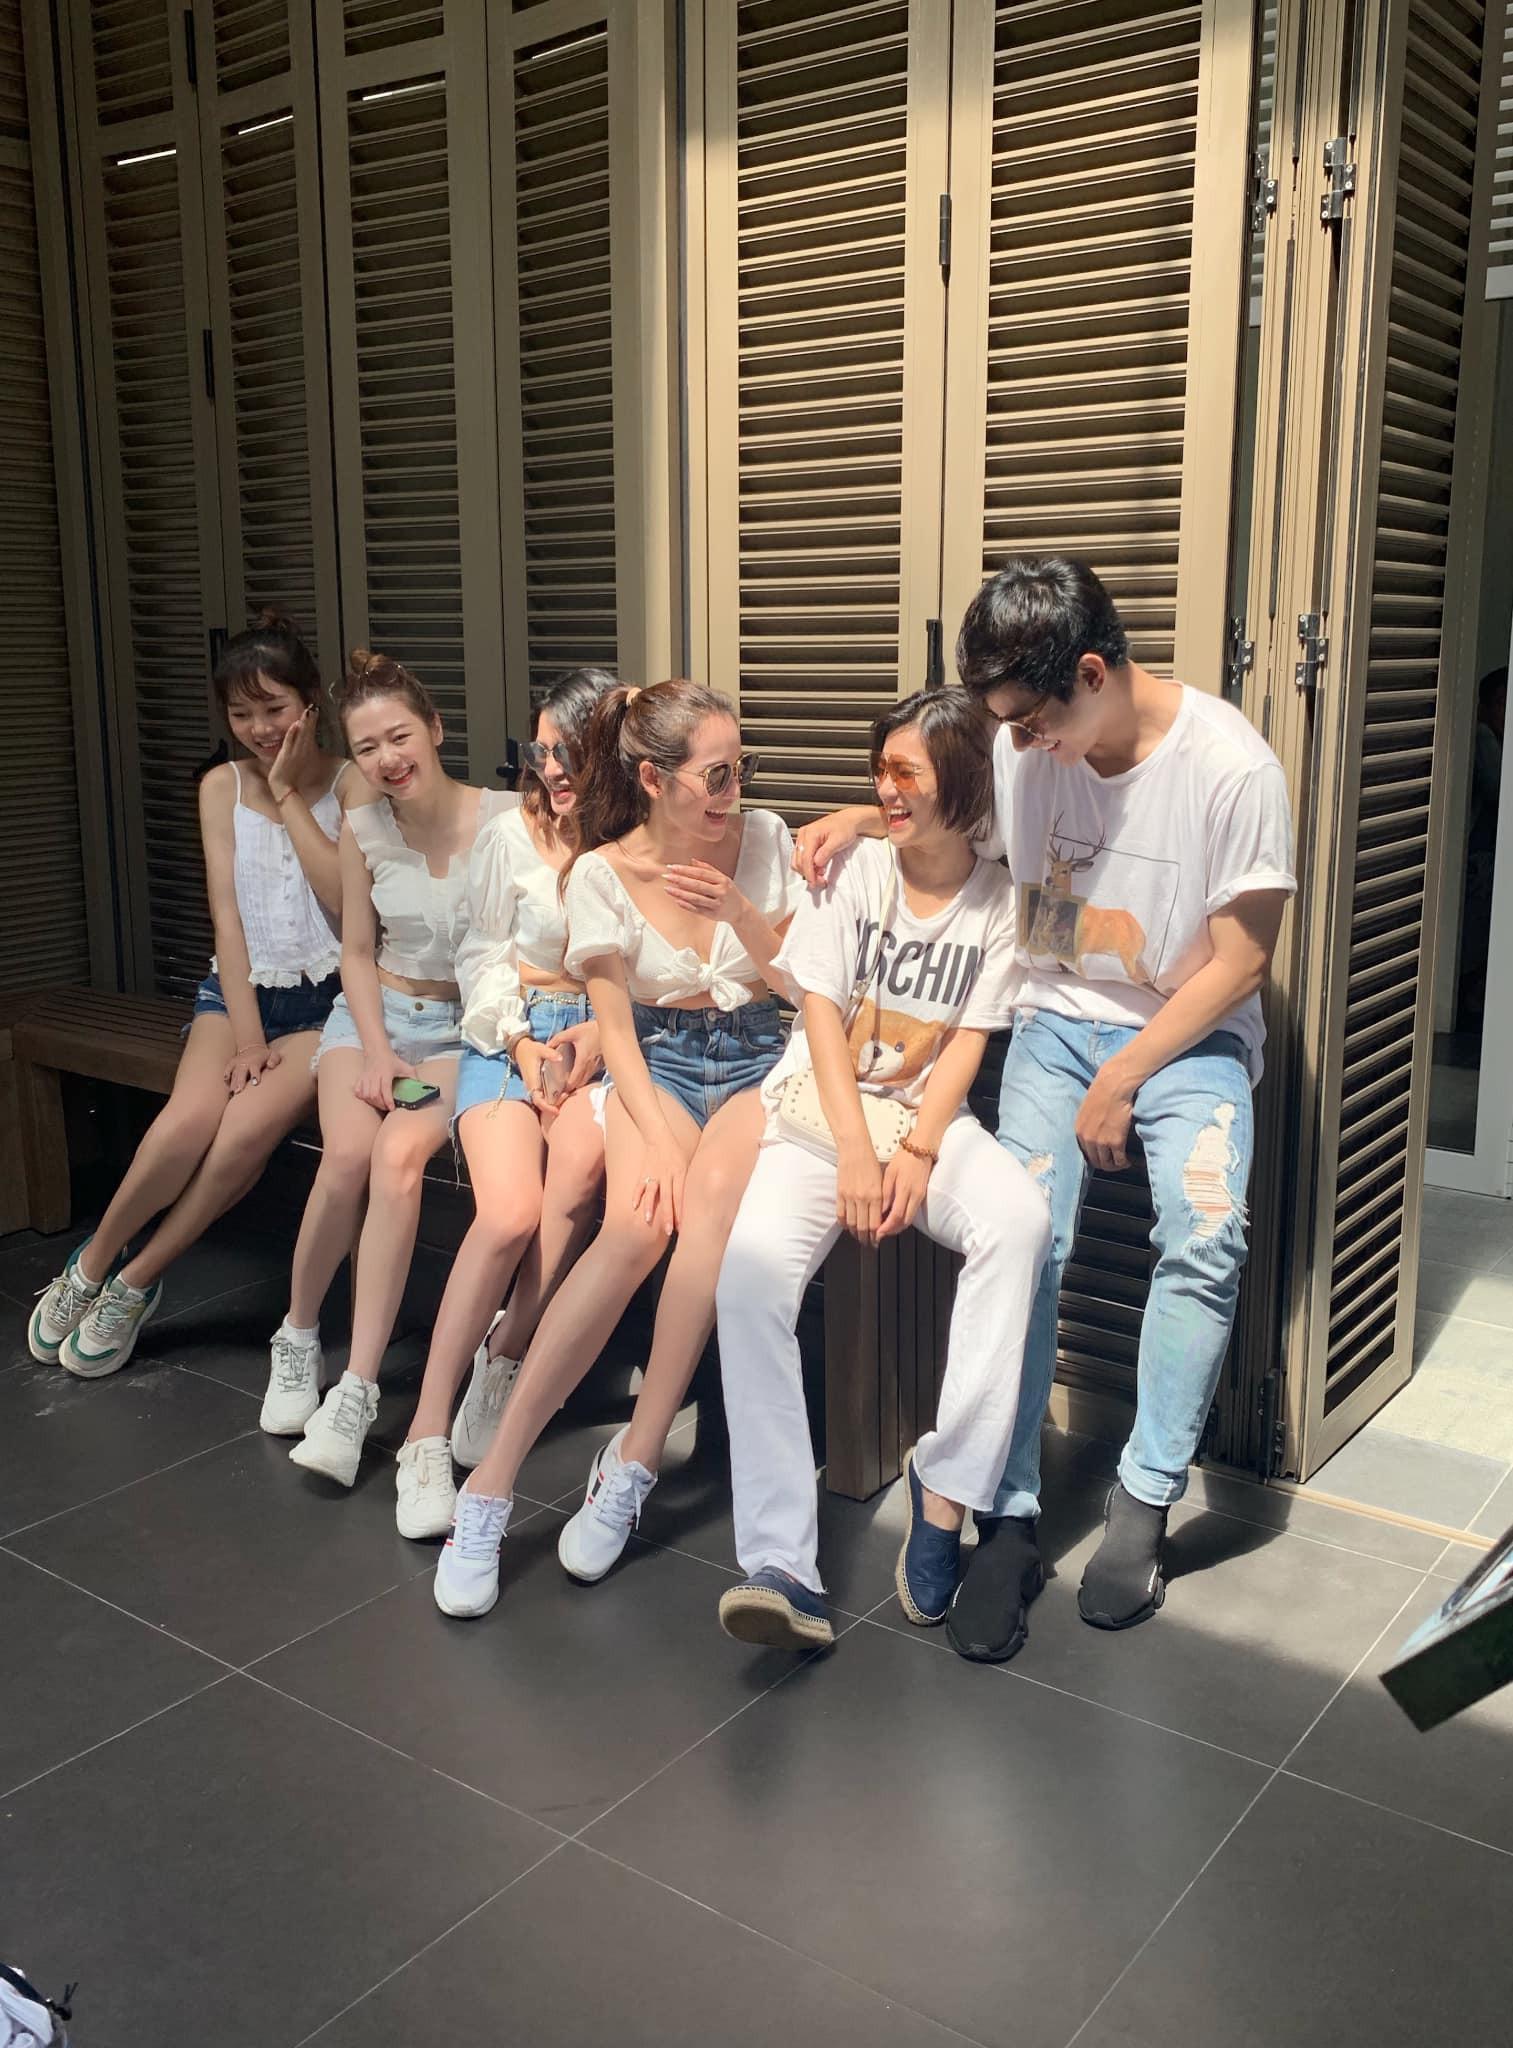 Bạn gái Dương Khắc Linh đưa cả hội bạn thân đi du lịch, tổ chức tiệc độc thân trước ngày cưới - Ảnh 2.